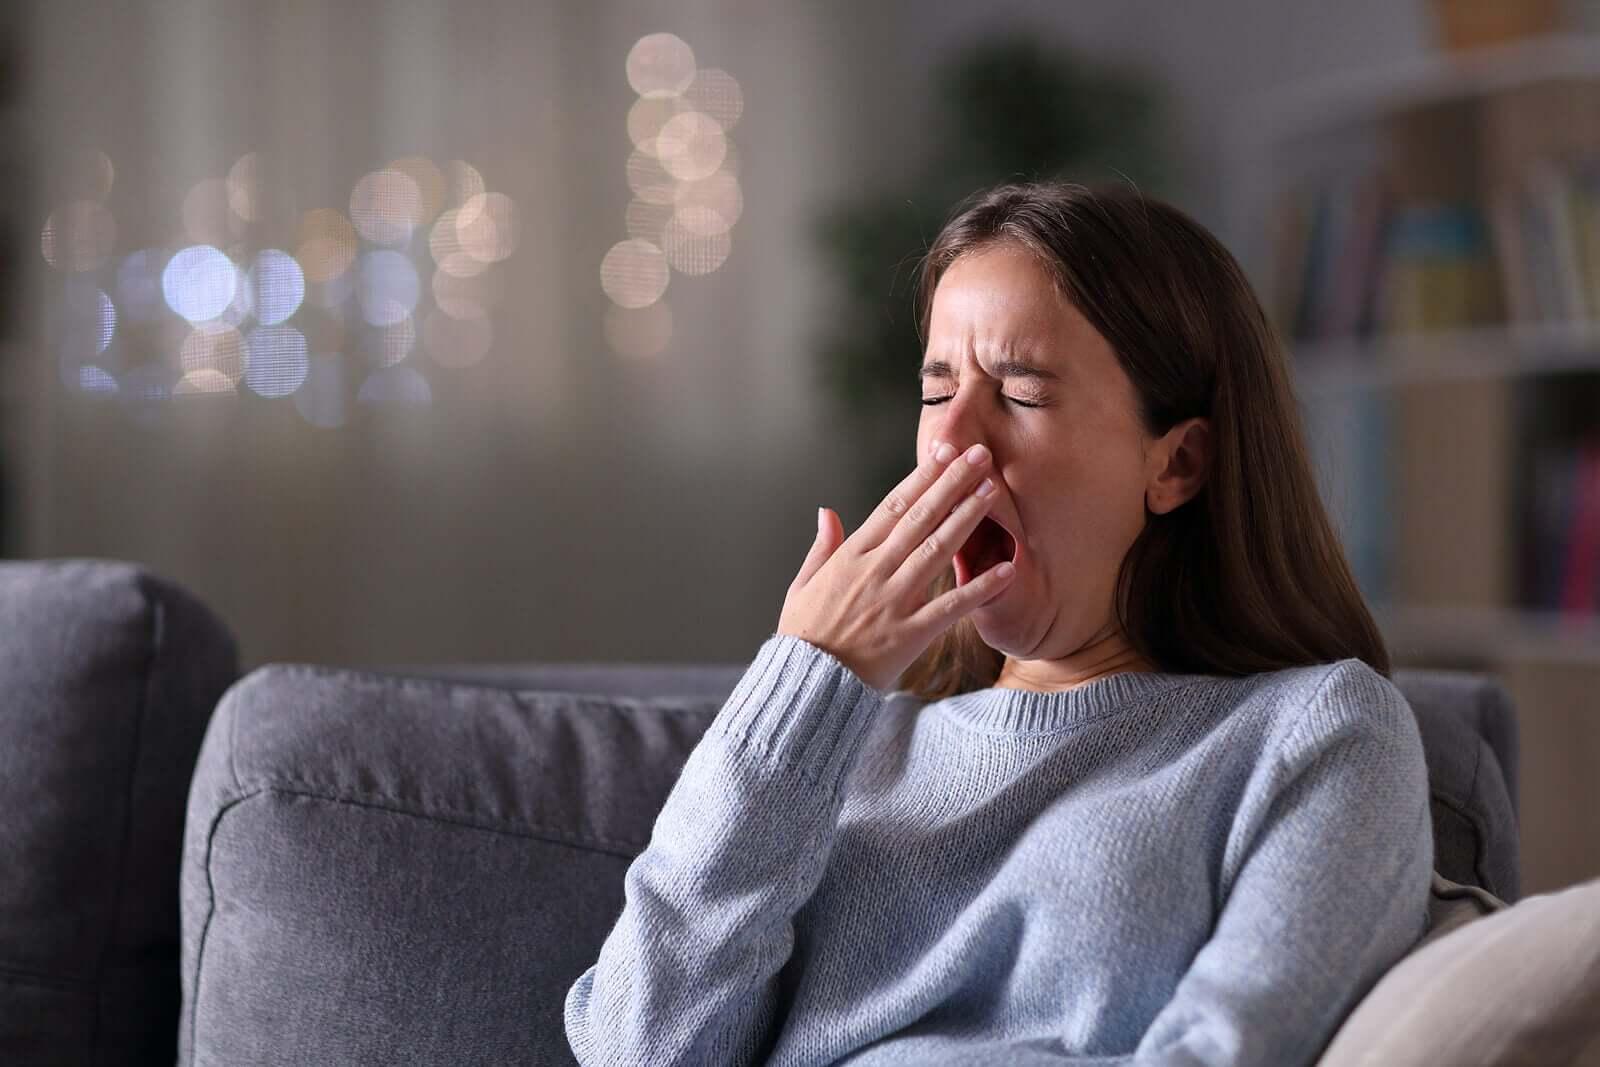 Síndrome da fadiga crônica em adolescentes